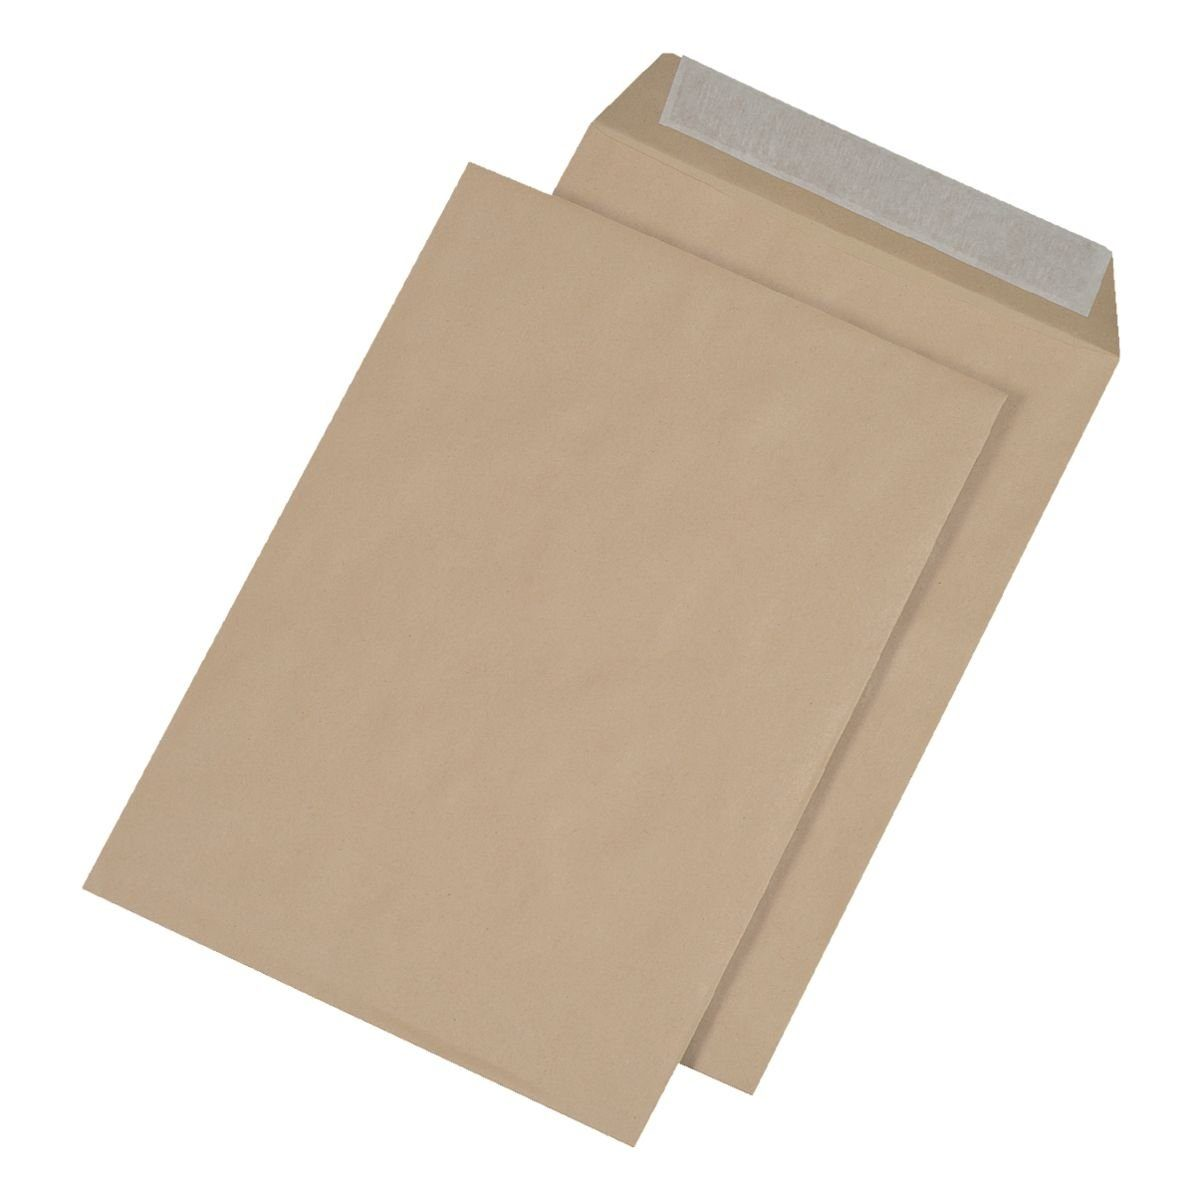 Mailmediade Faltentaschen mit Keil-/Spitzboden